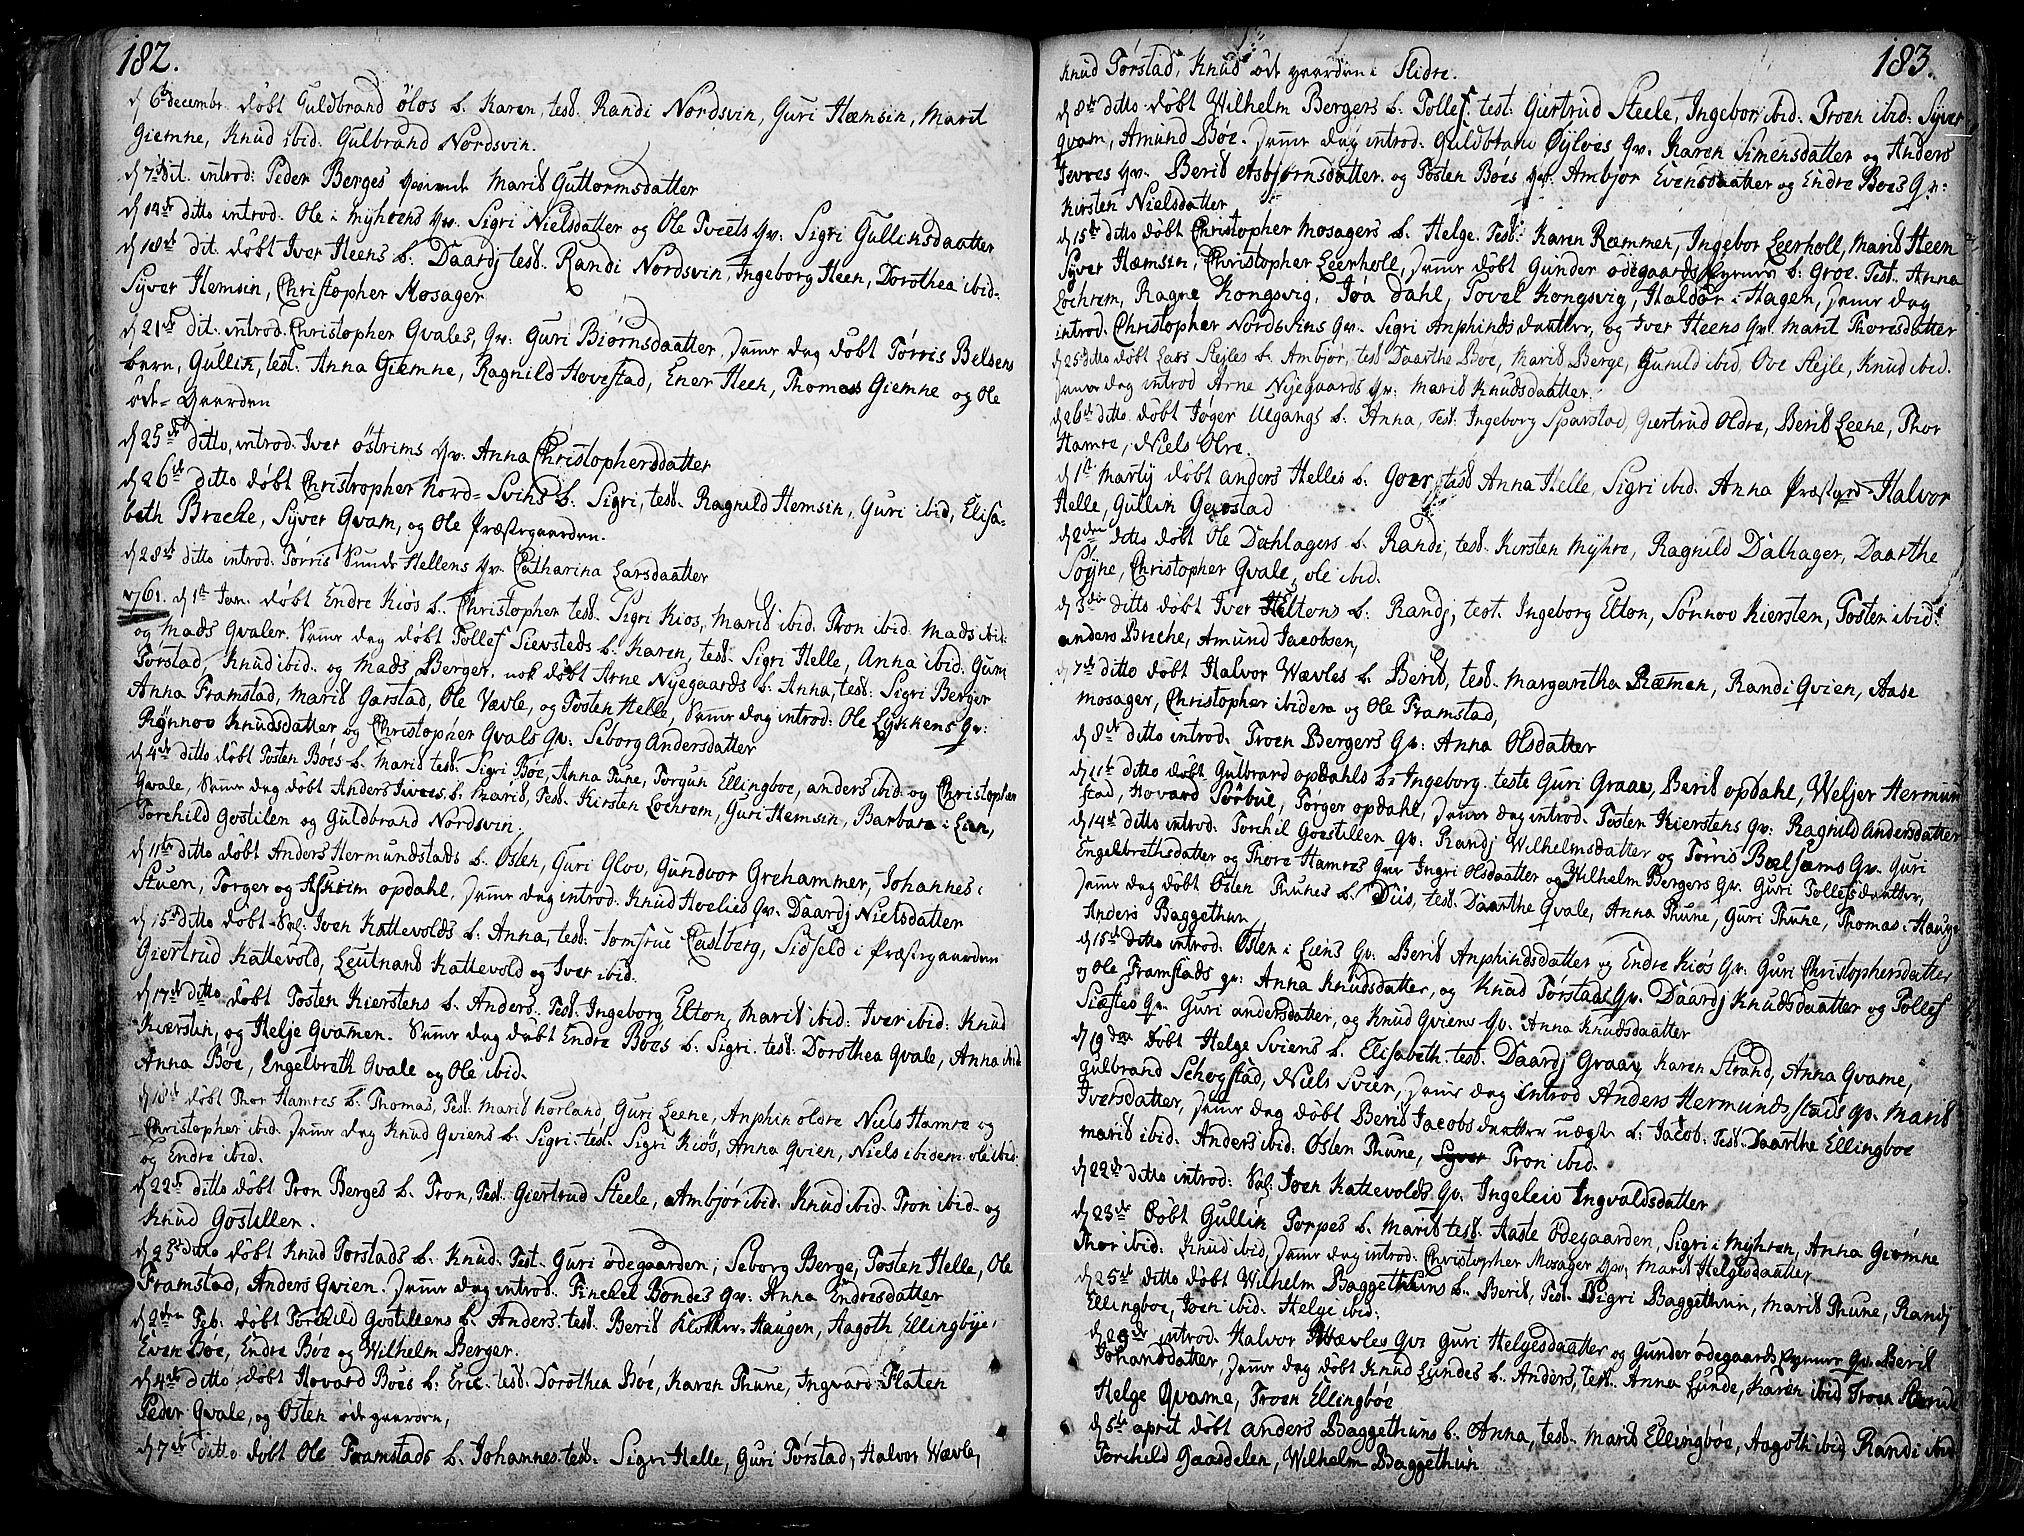 SAH, Vang prestekontor, Valdres, Ministerialbok nr. 1, 1730-1796, s. 182-183